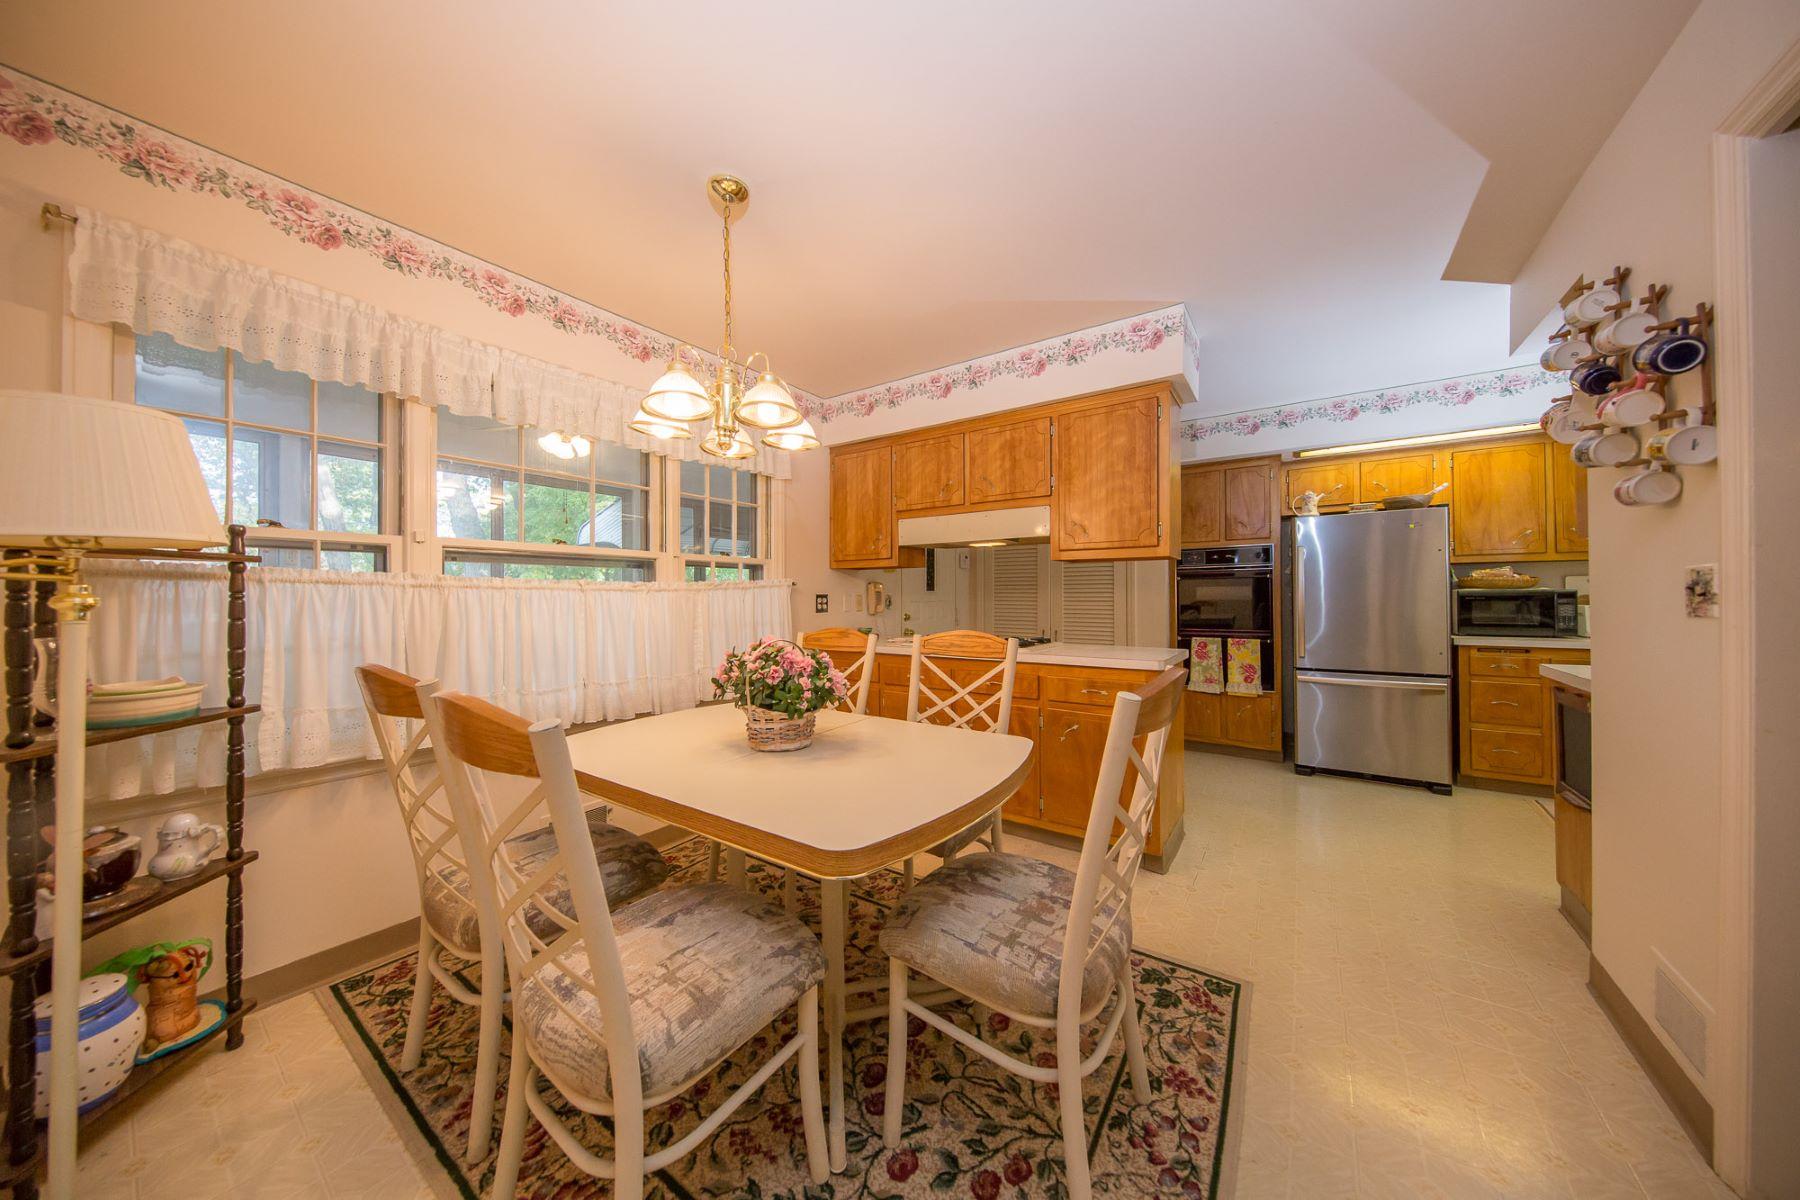 Частный односемейный дом для того Продажа на Charming Center Hall Colonial 659 Navaho Trl, Franklin Lakes, Нью-Джерси, 07417 Соединенные Штаты